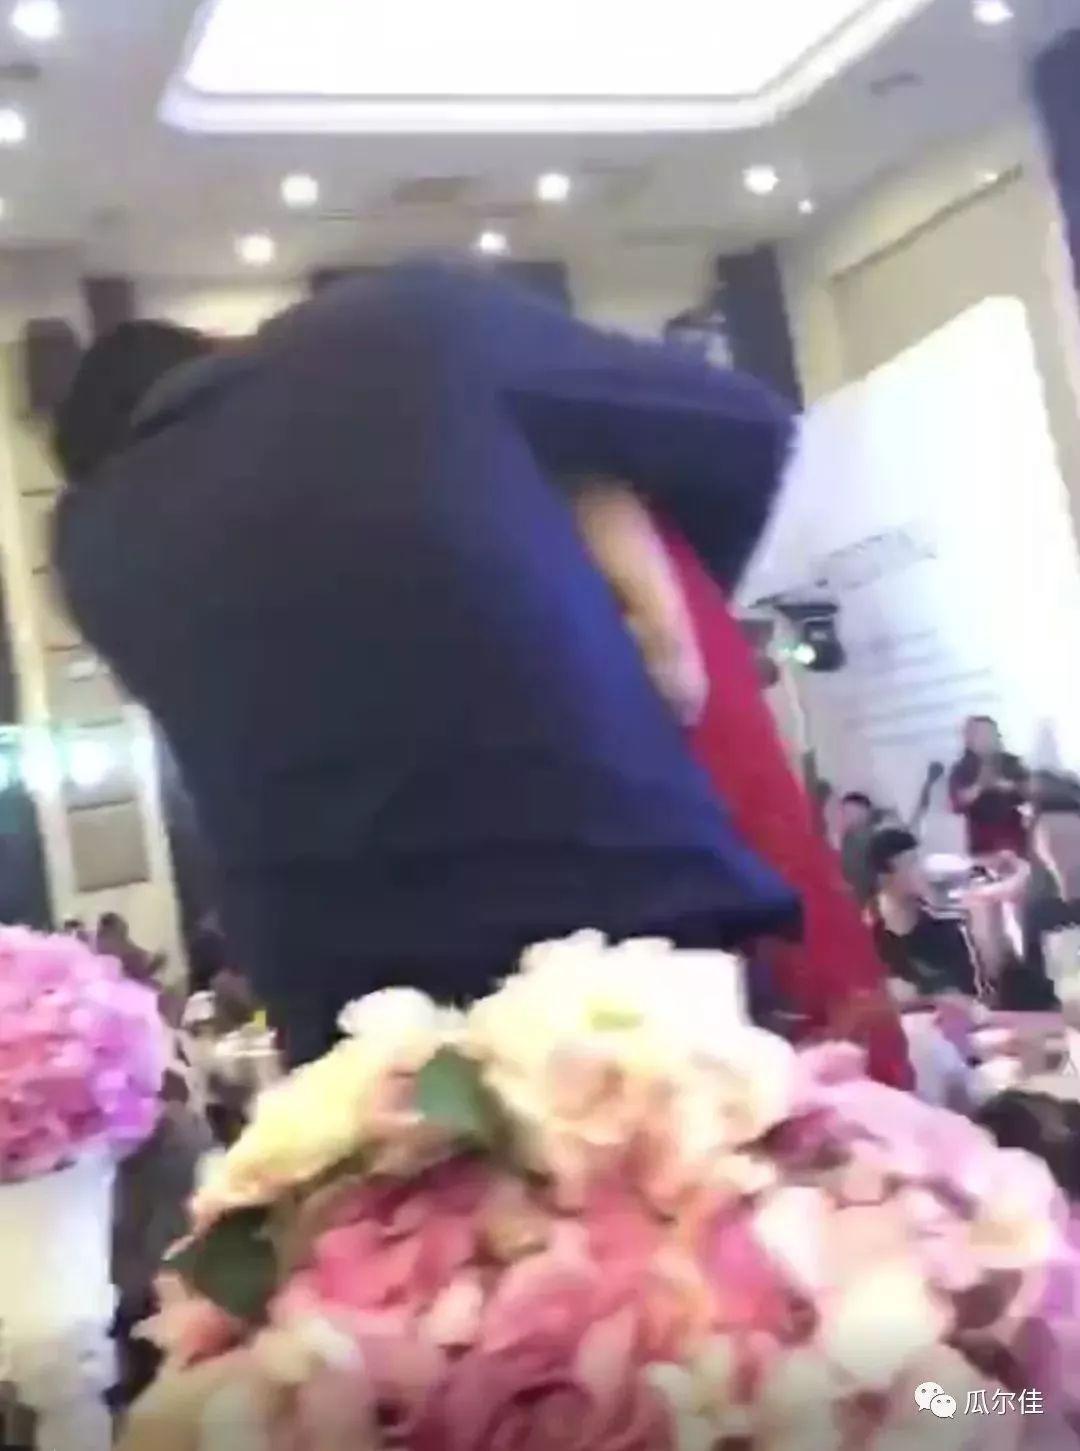 婚礼现场公公强吻儿媳,全场起哄!还有更尴尬的吗?